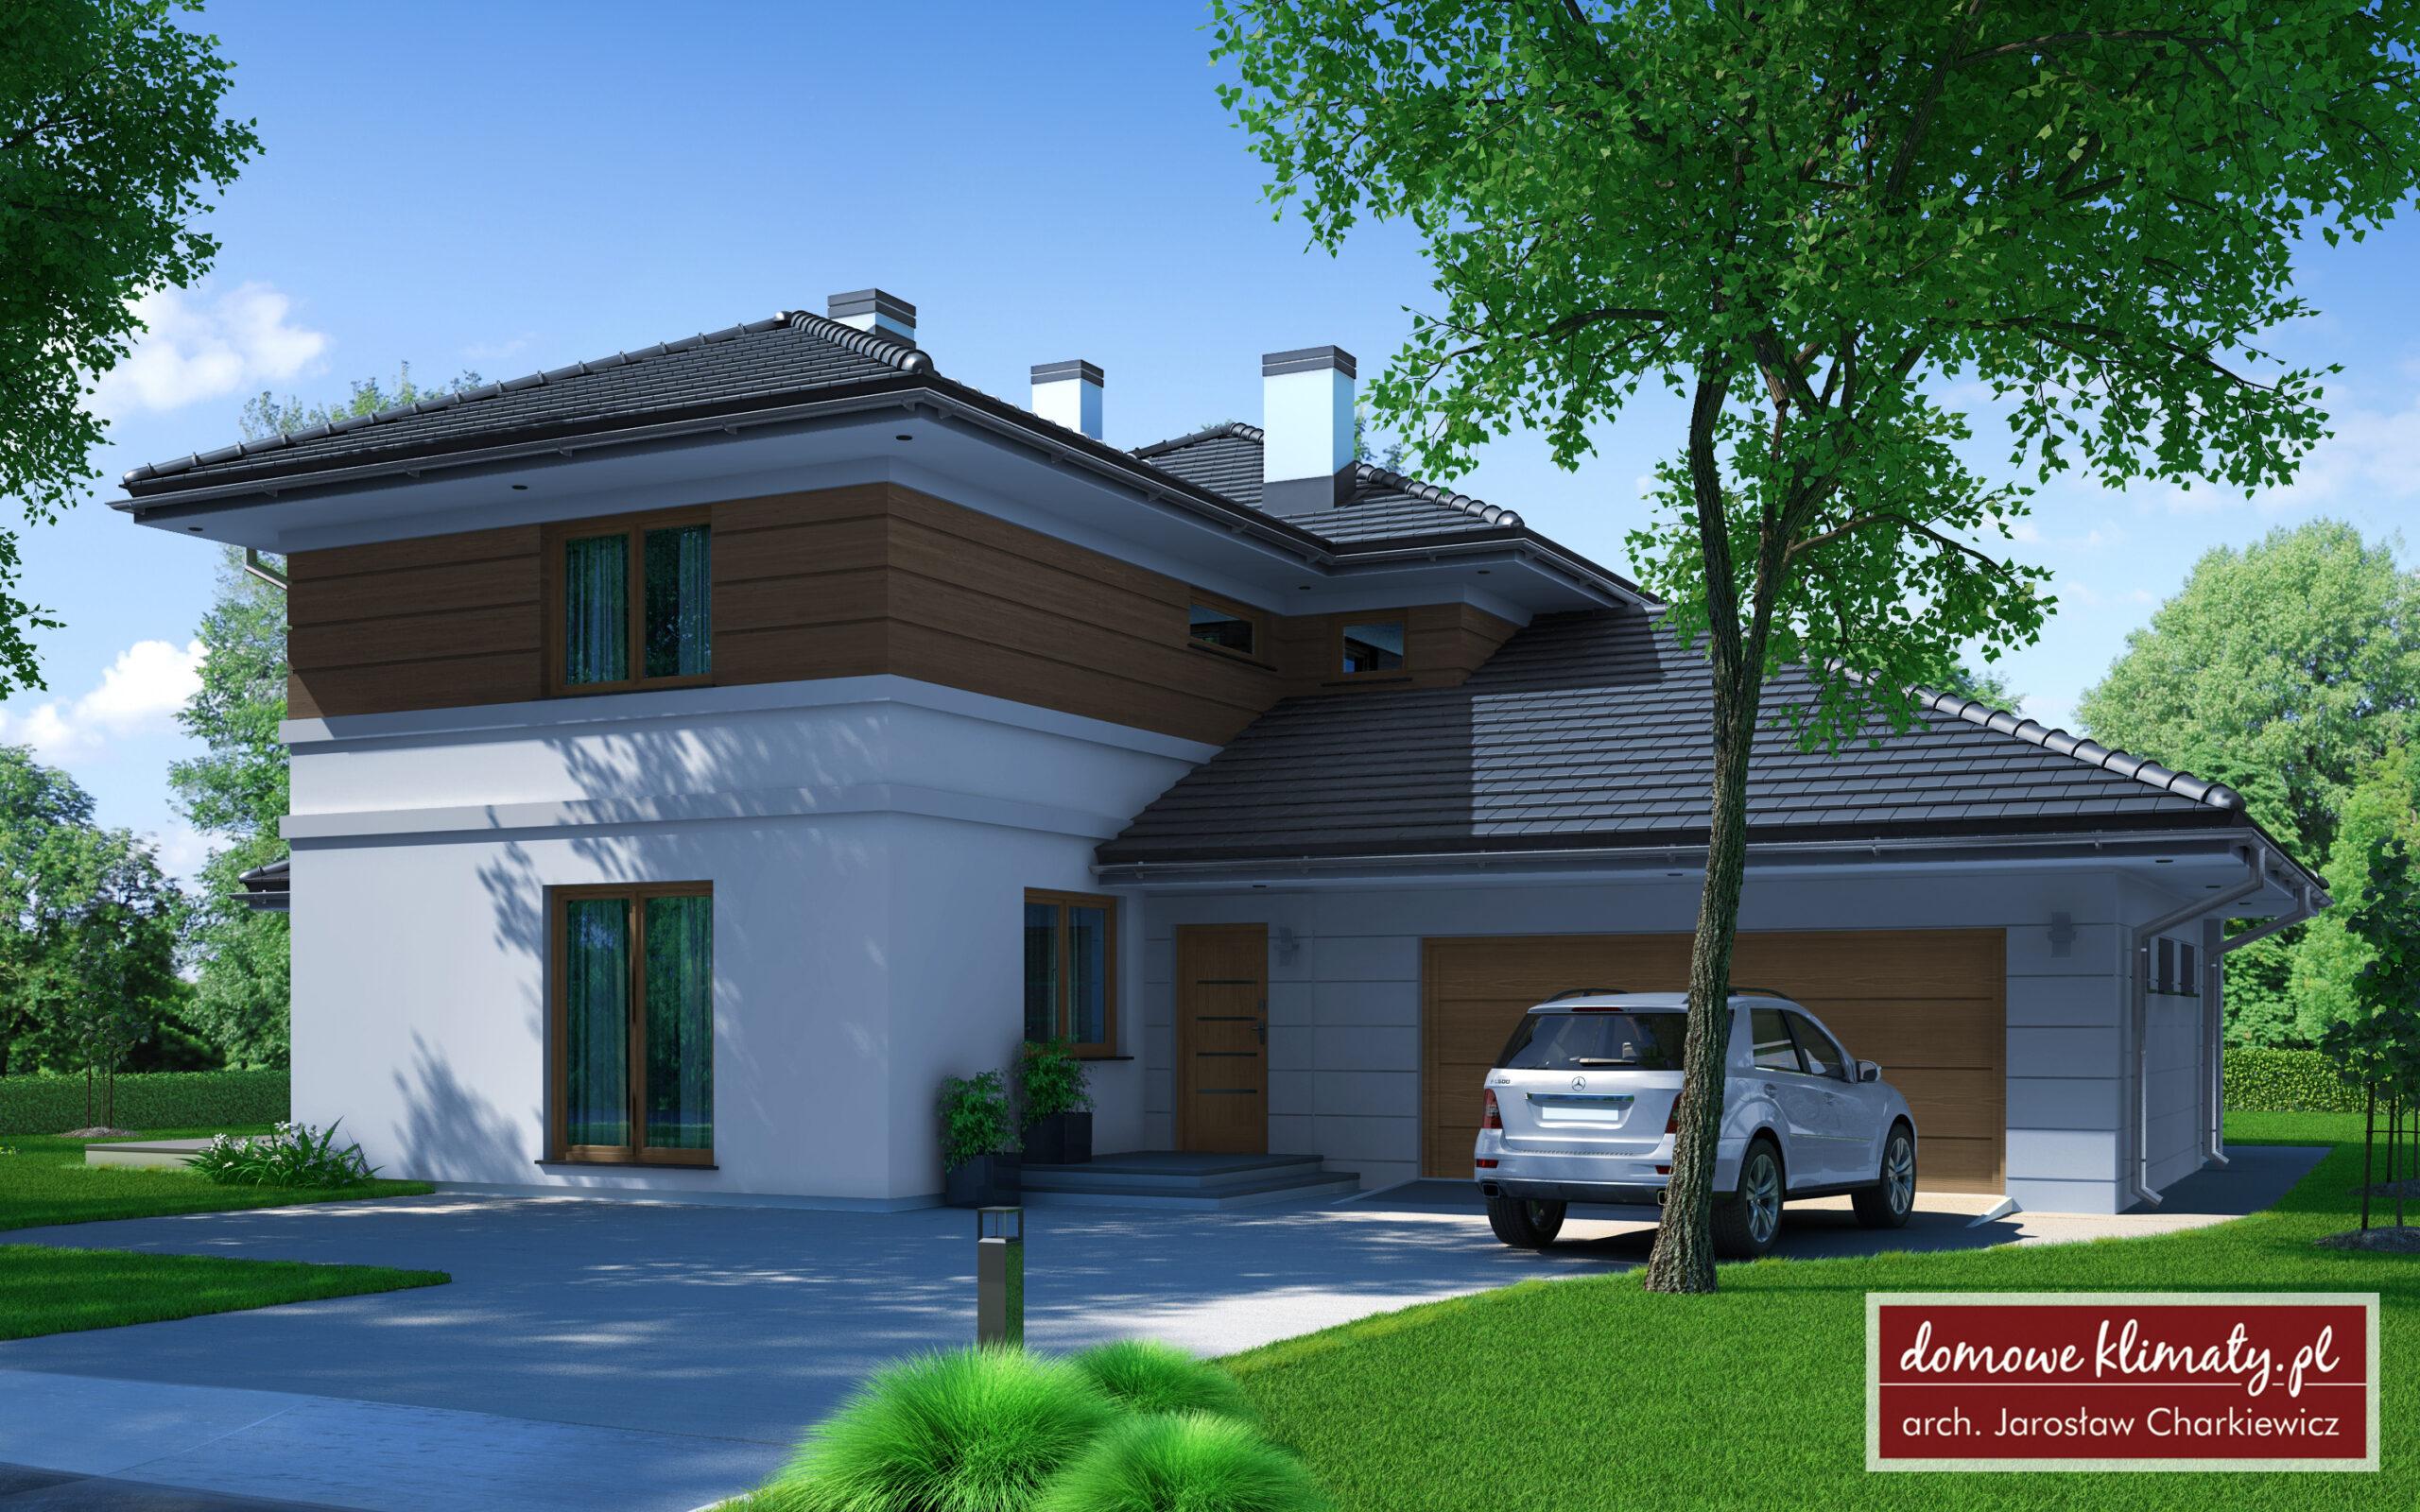 Projekt domu - Dwupokoleniowy V